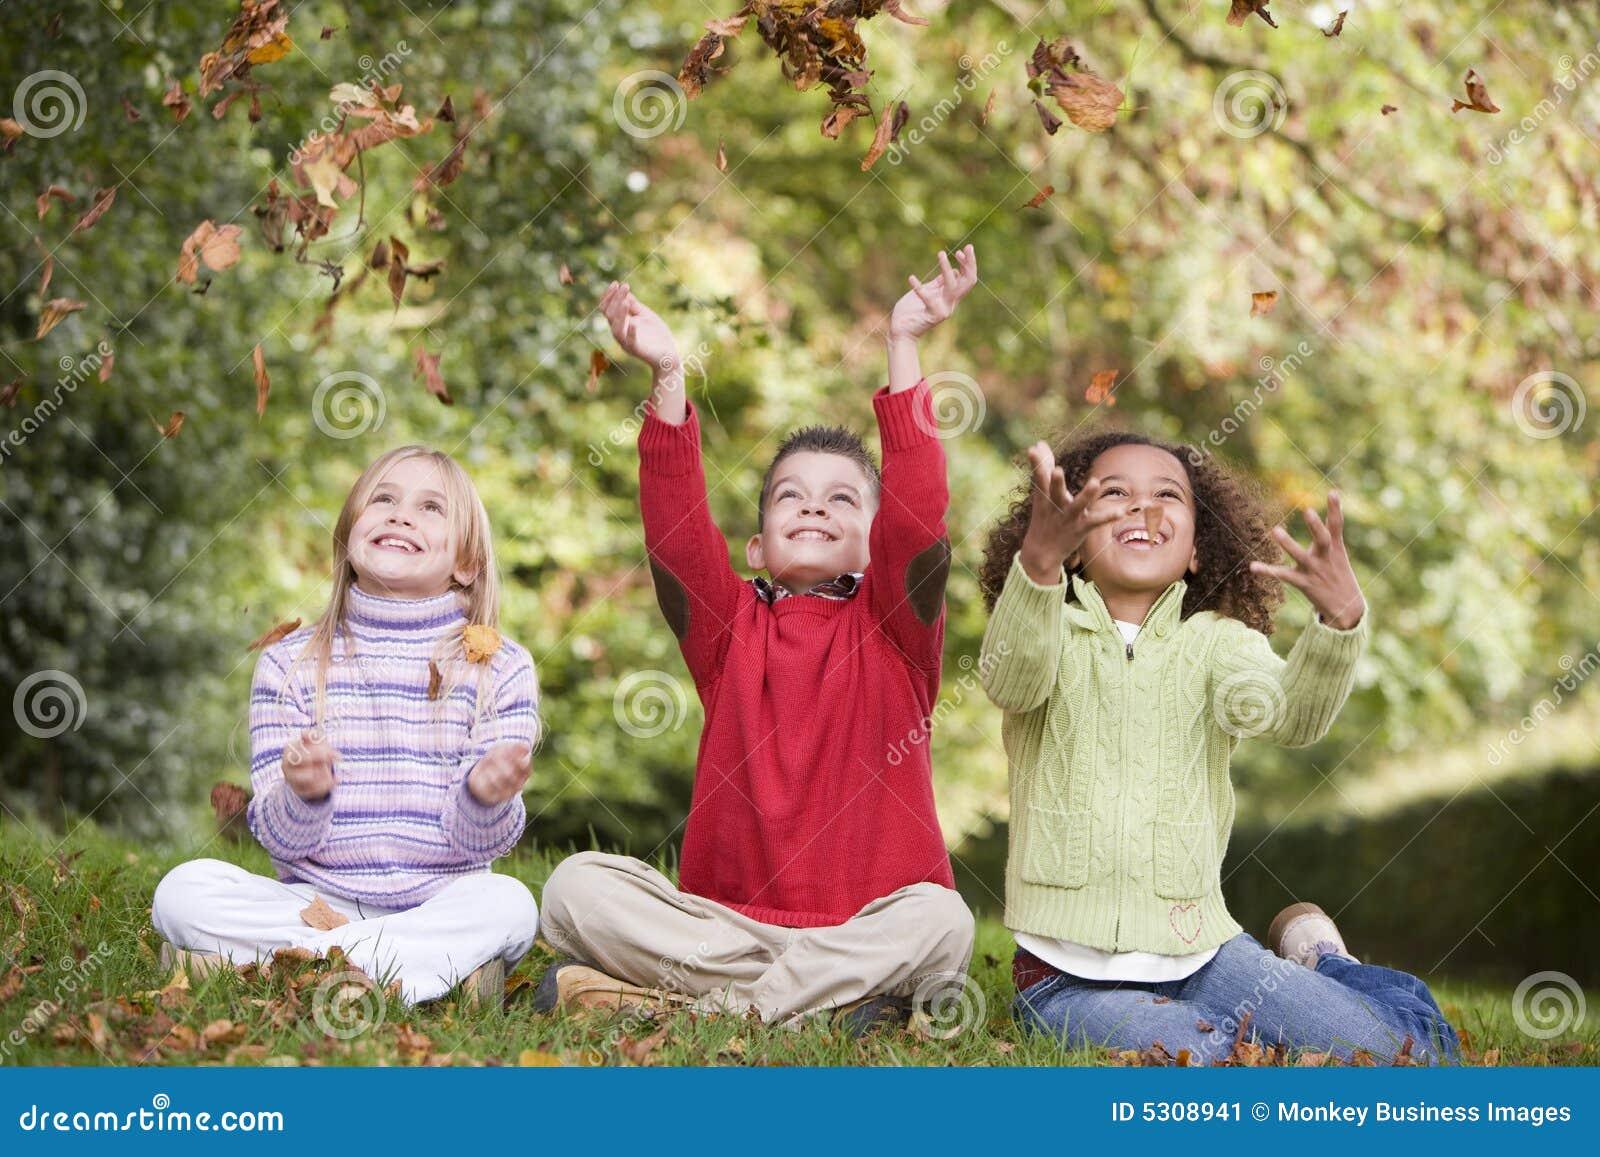 Download Gioco Dei Fogli Del Gruppo Dei Bambini Di Autunno Immagine Stock - Immagine di bambino, fogliame: 5308941